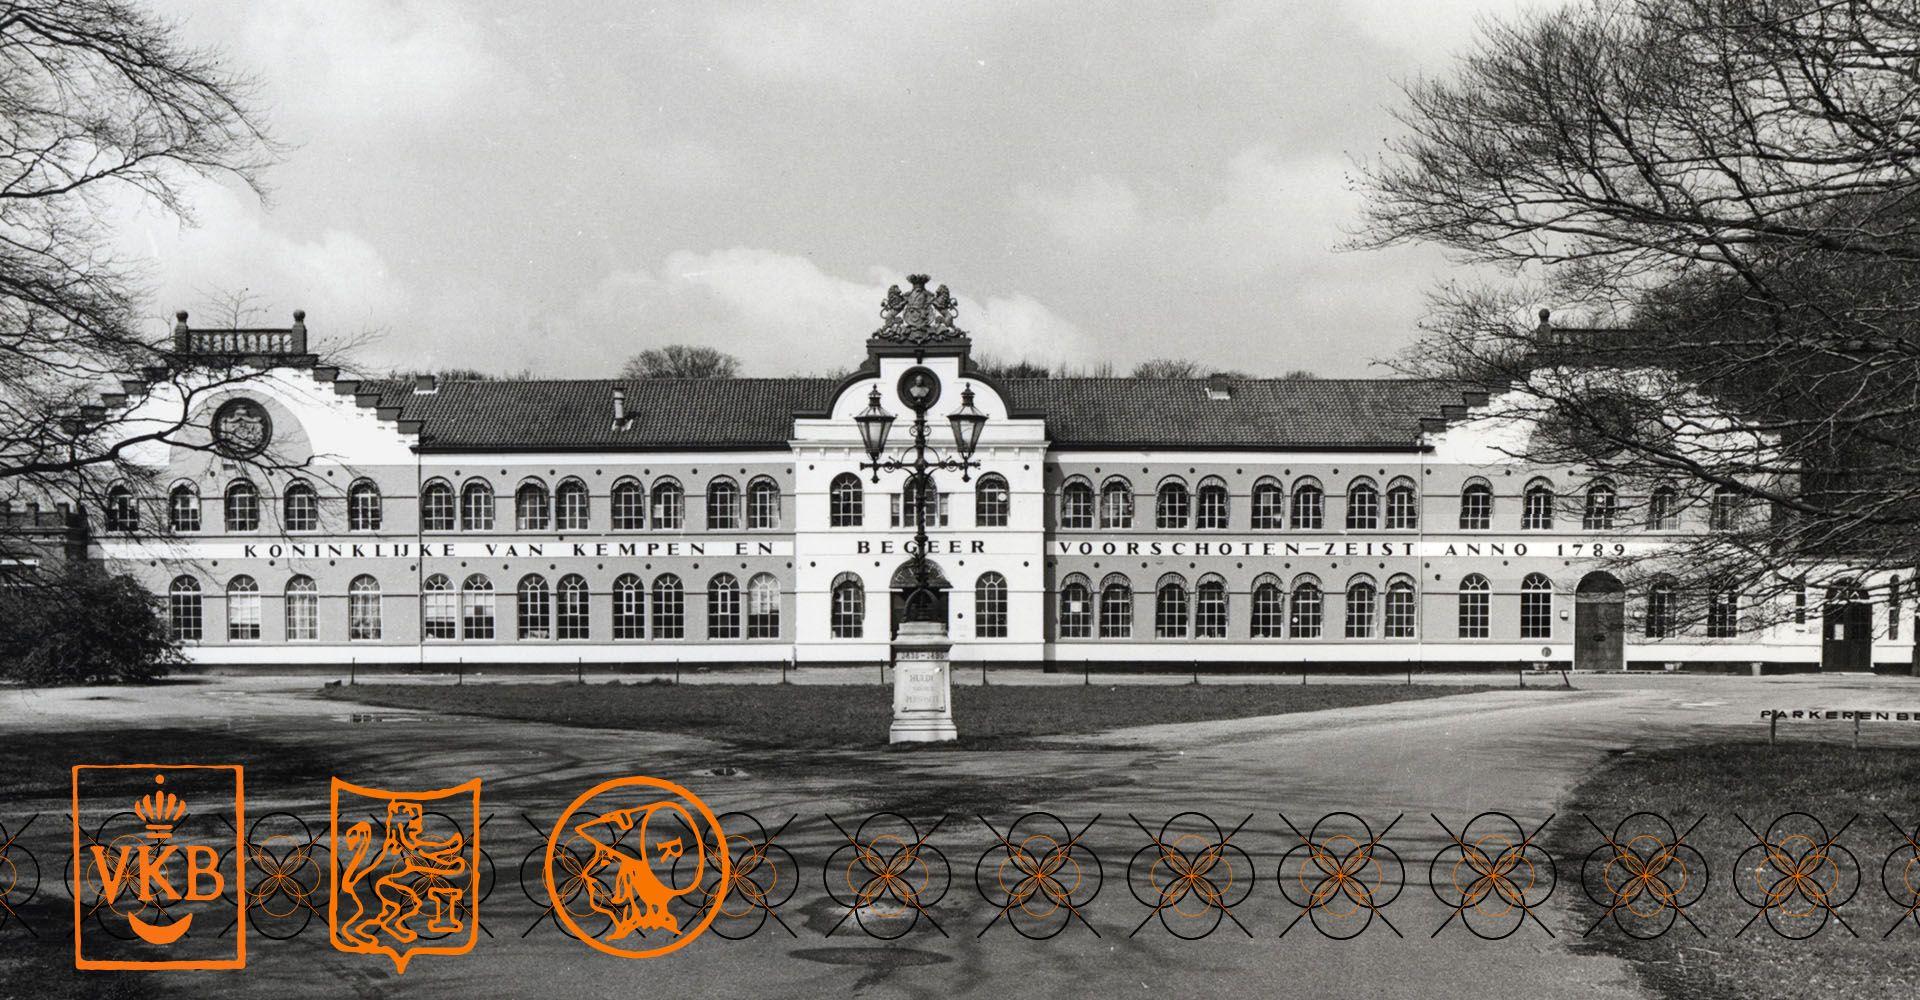 Zilverfabriek van Kempen & Begeer